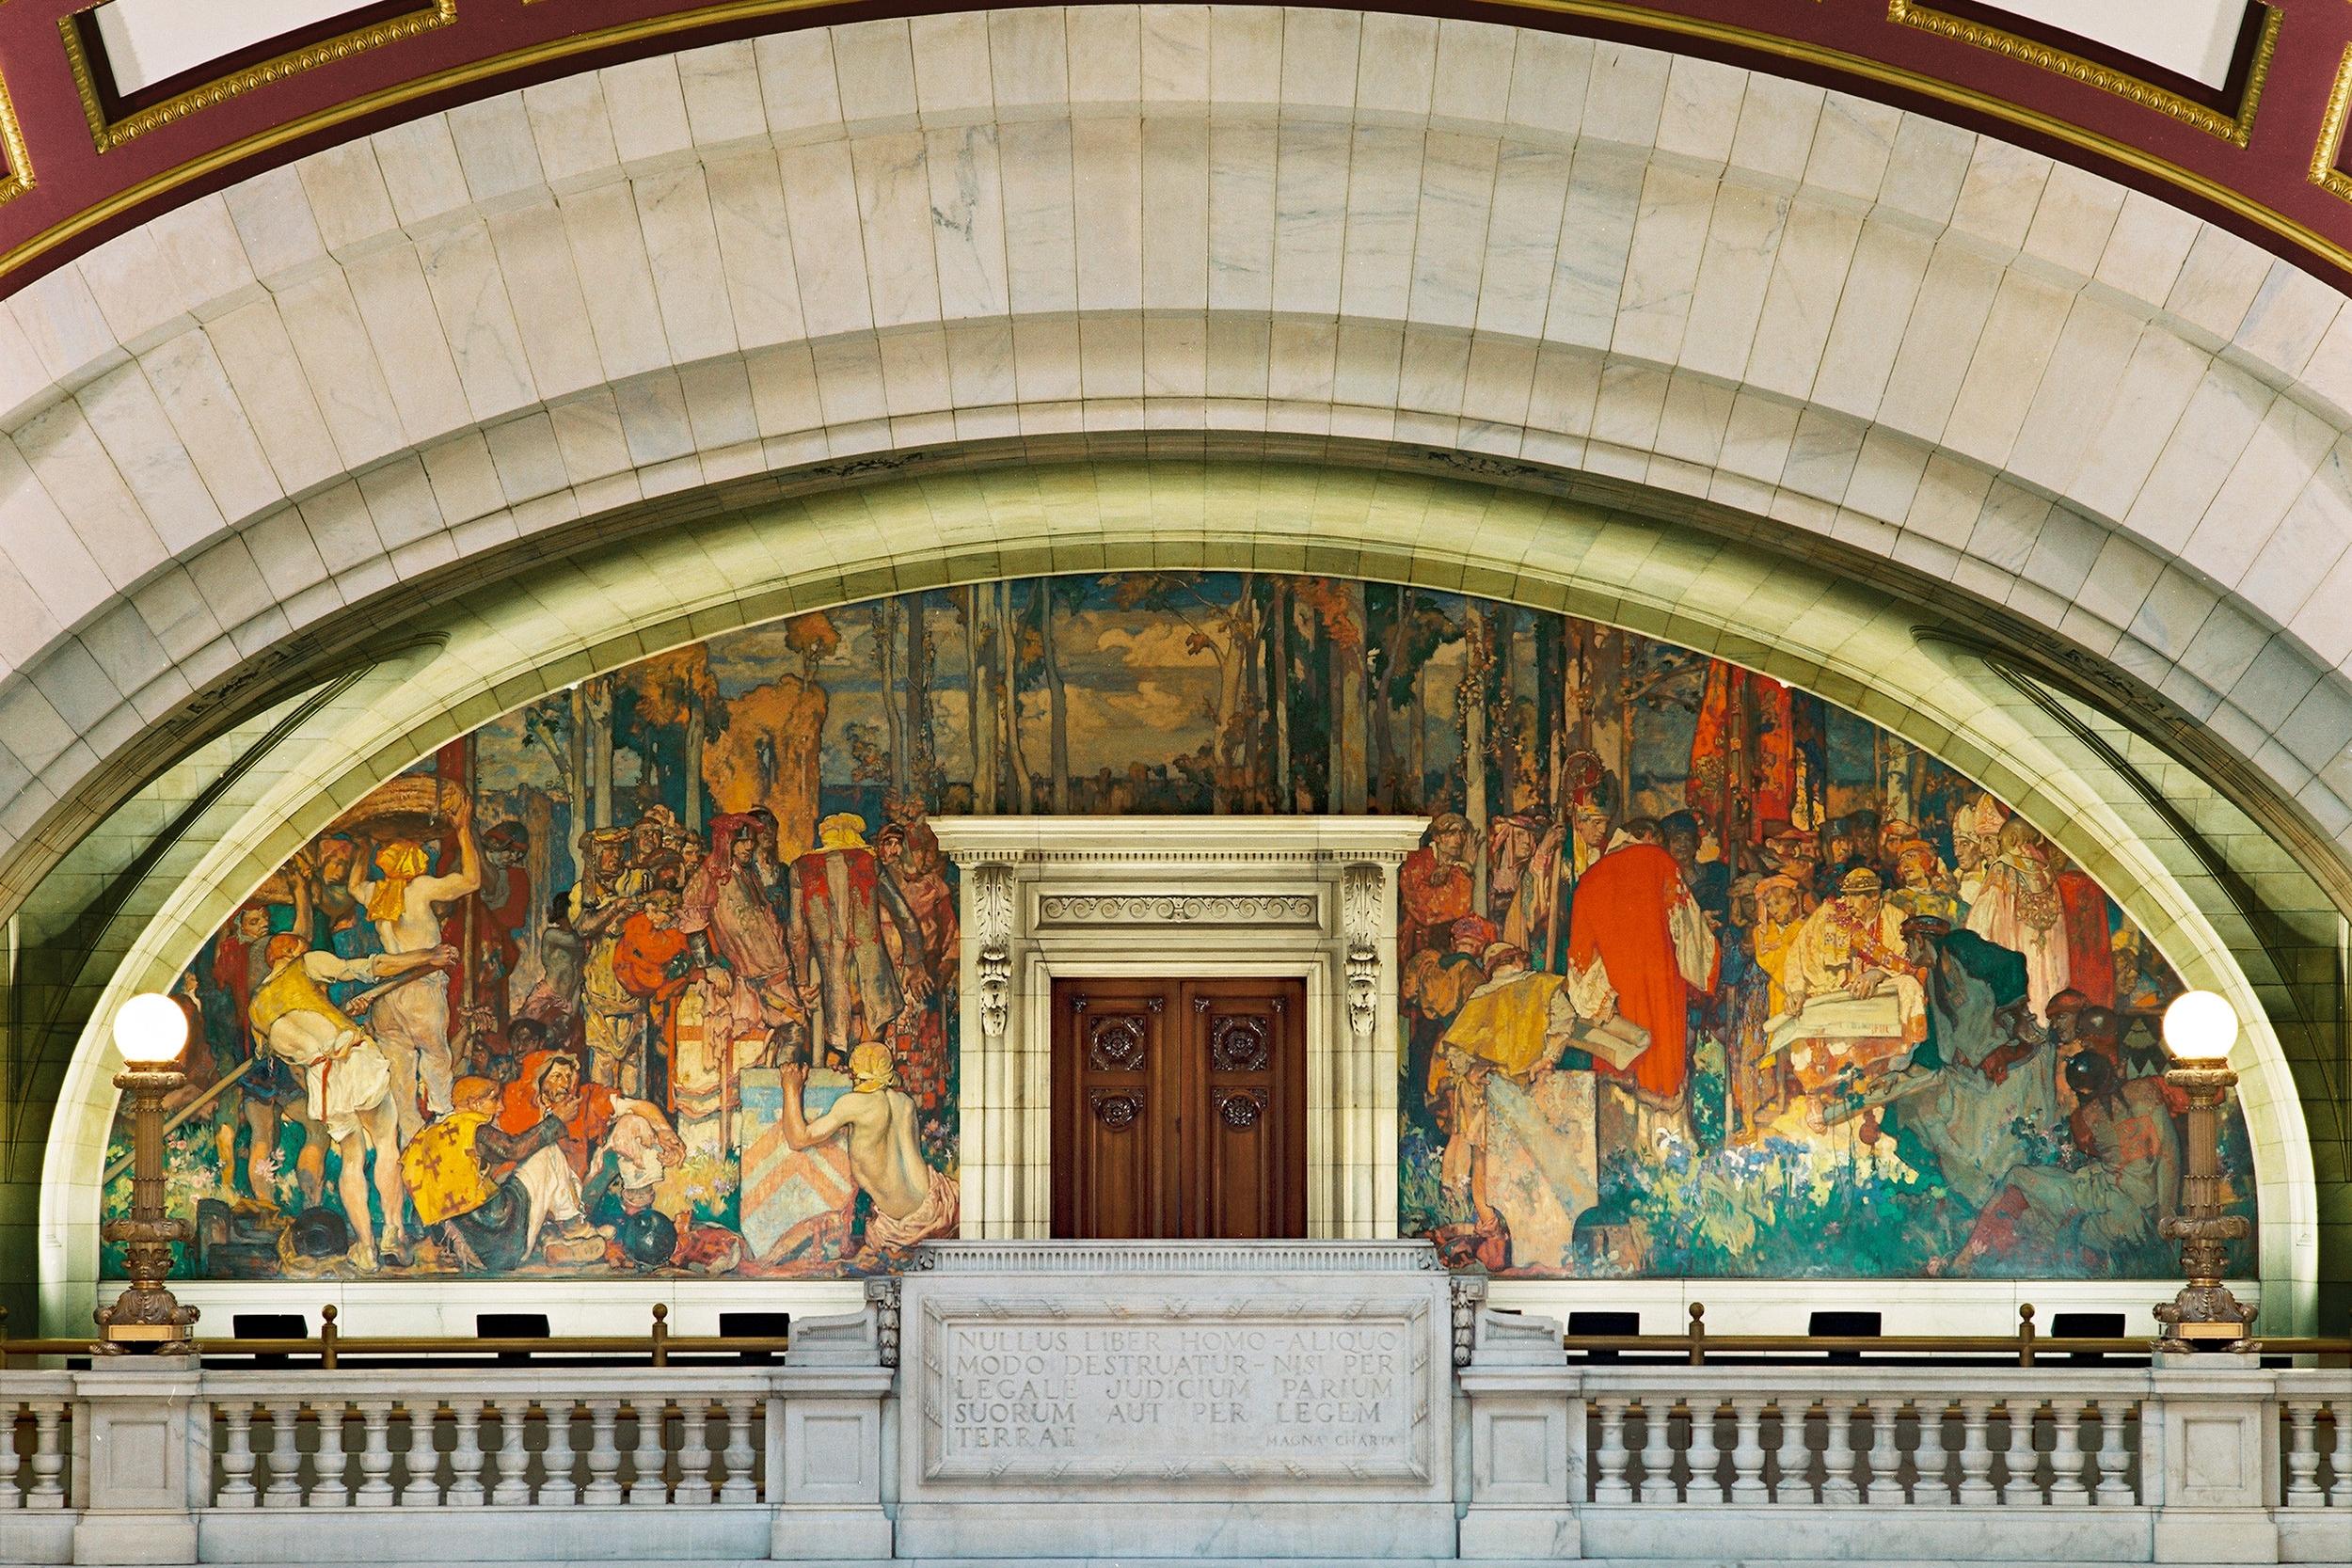 Cuyahoga County Courthouse - Cleveland,Ohio